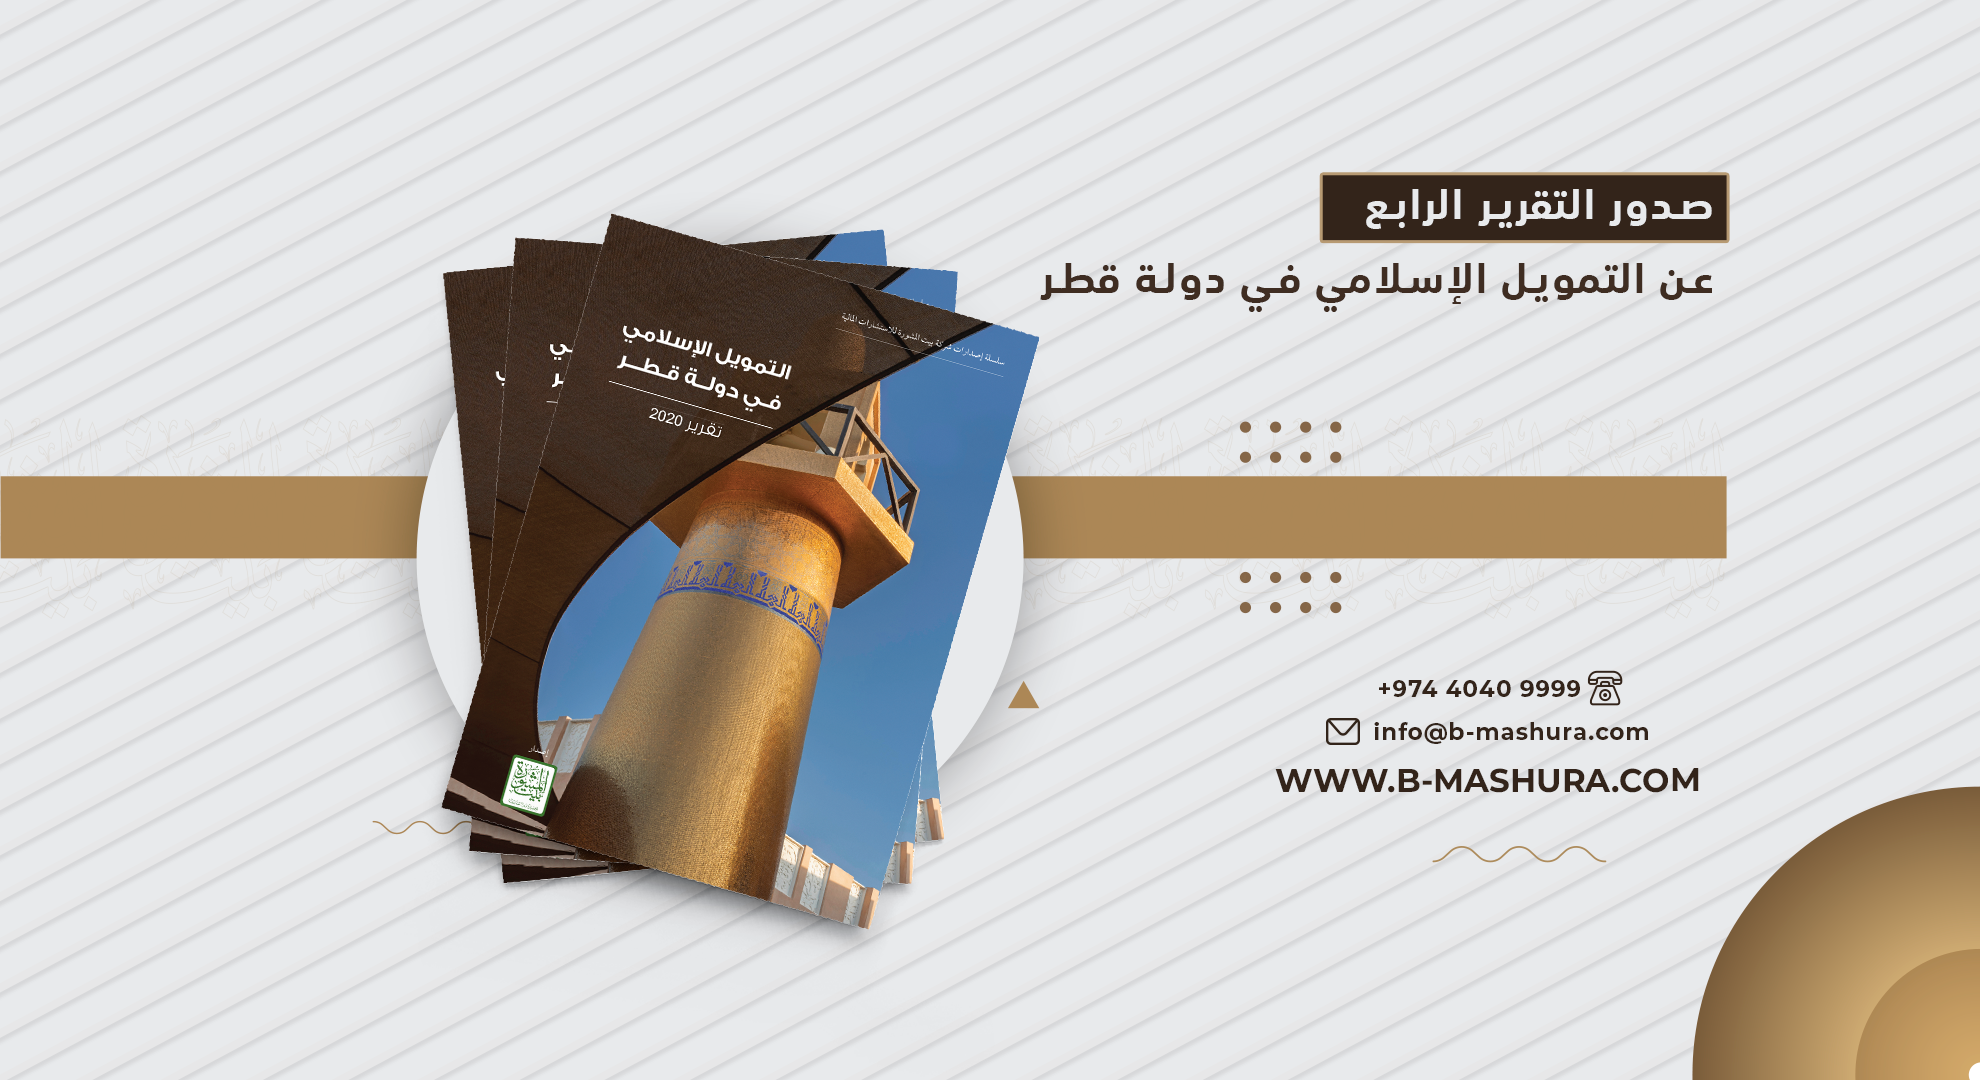 صدور التقرير السنوي عن التمويل الإسلامي في دولة قطر